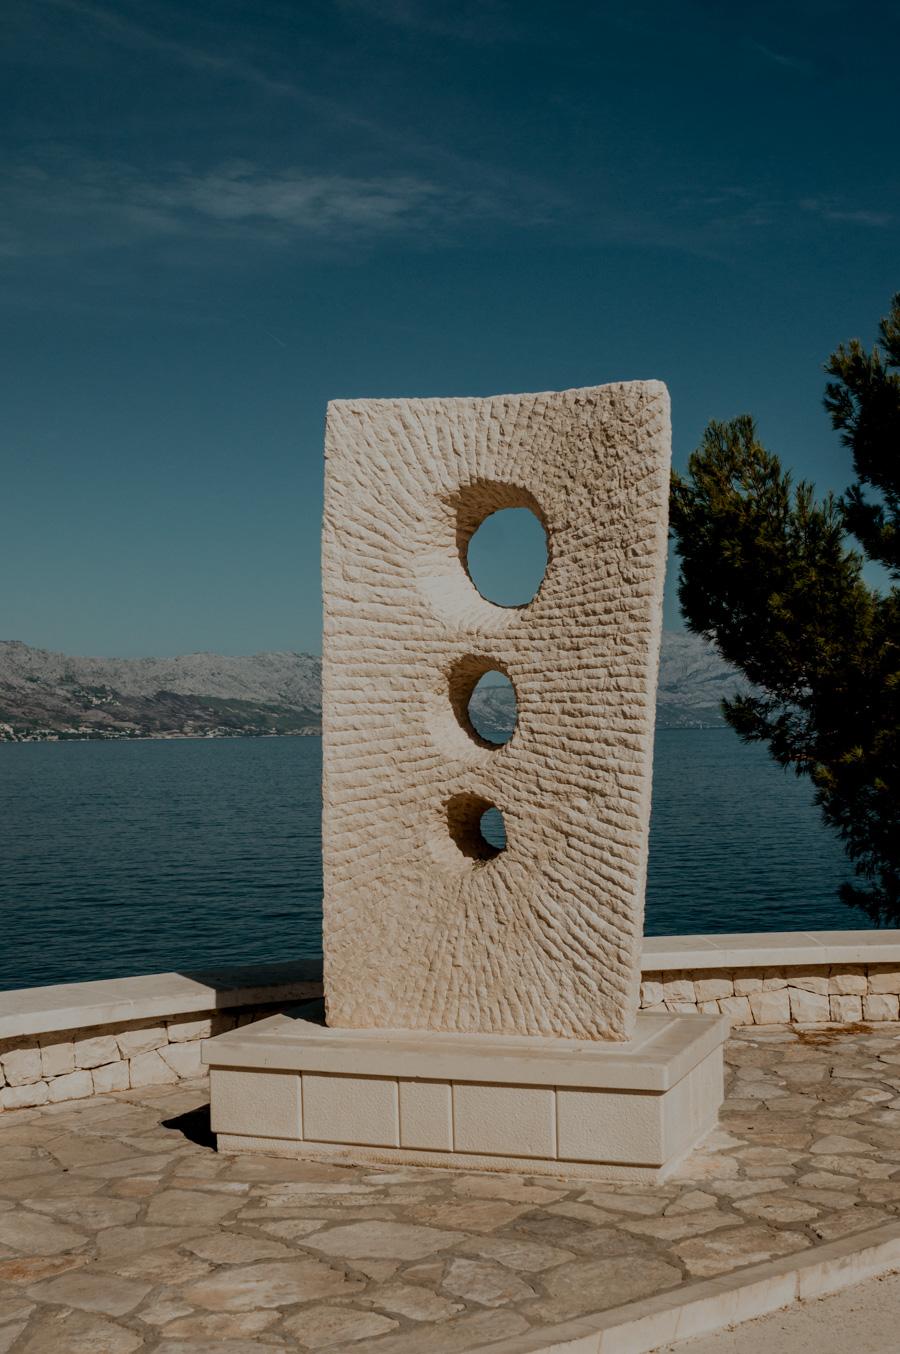 pomnik w miejscowości Postira